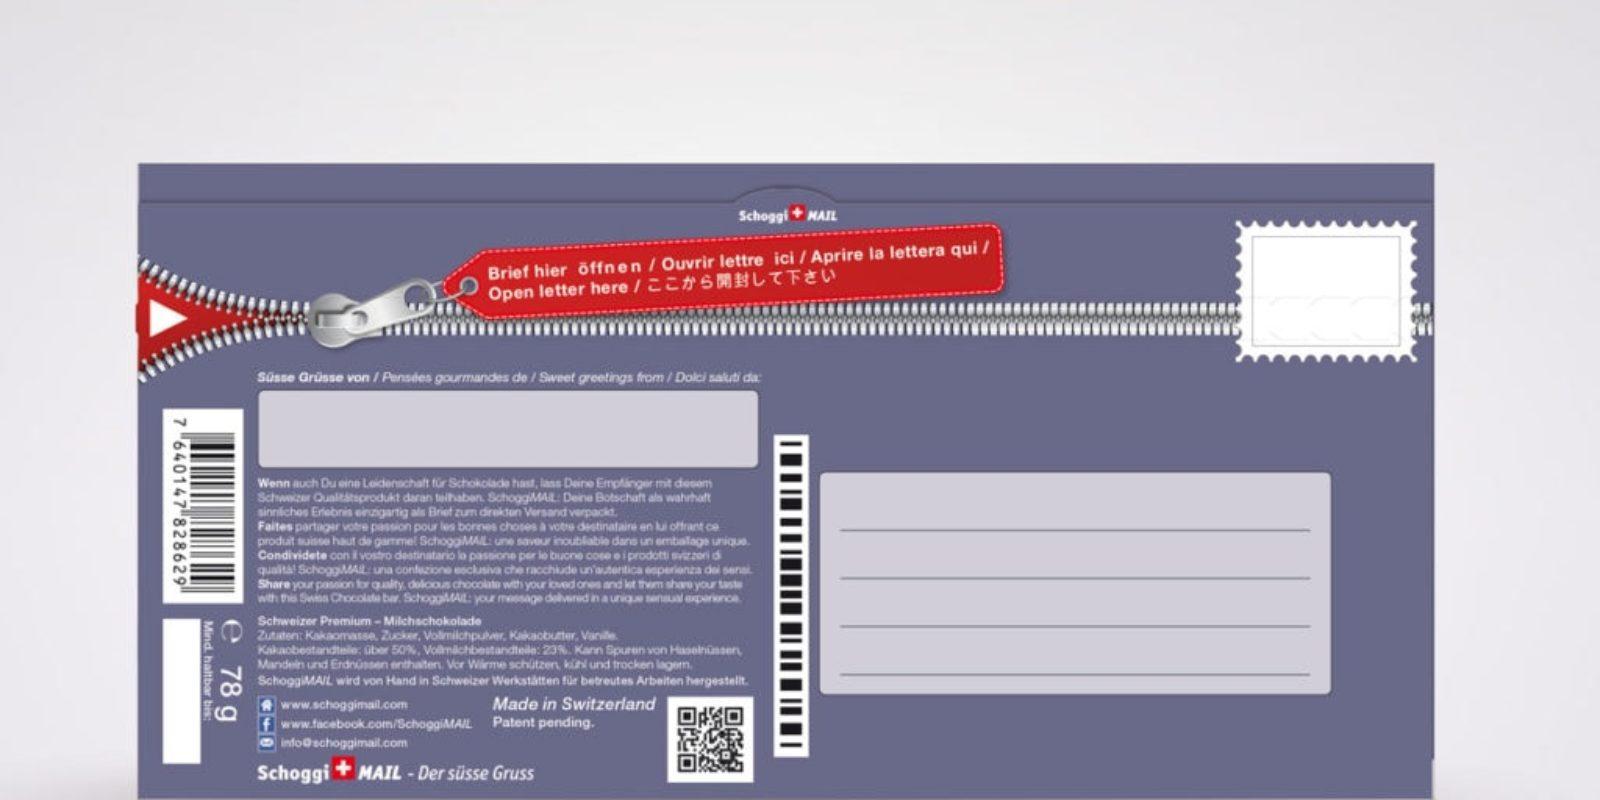 1137862-SchoggiMAIL-Entschuldigung-Gerbera_back